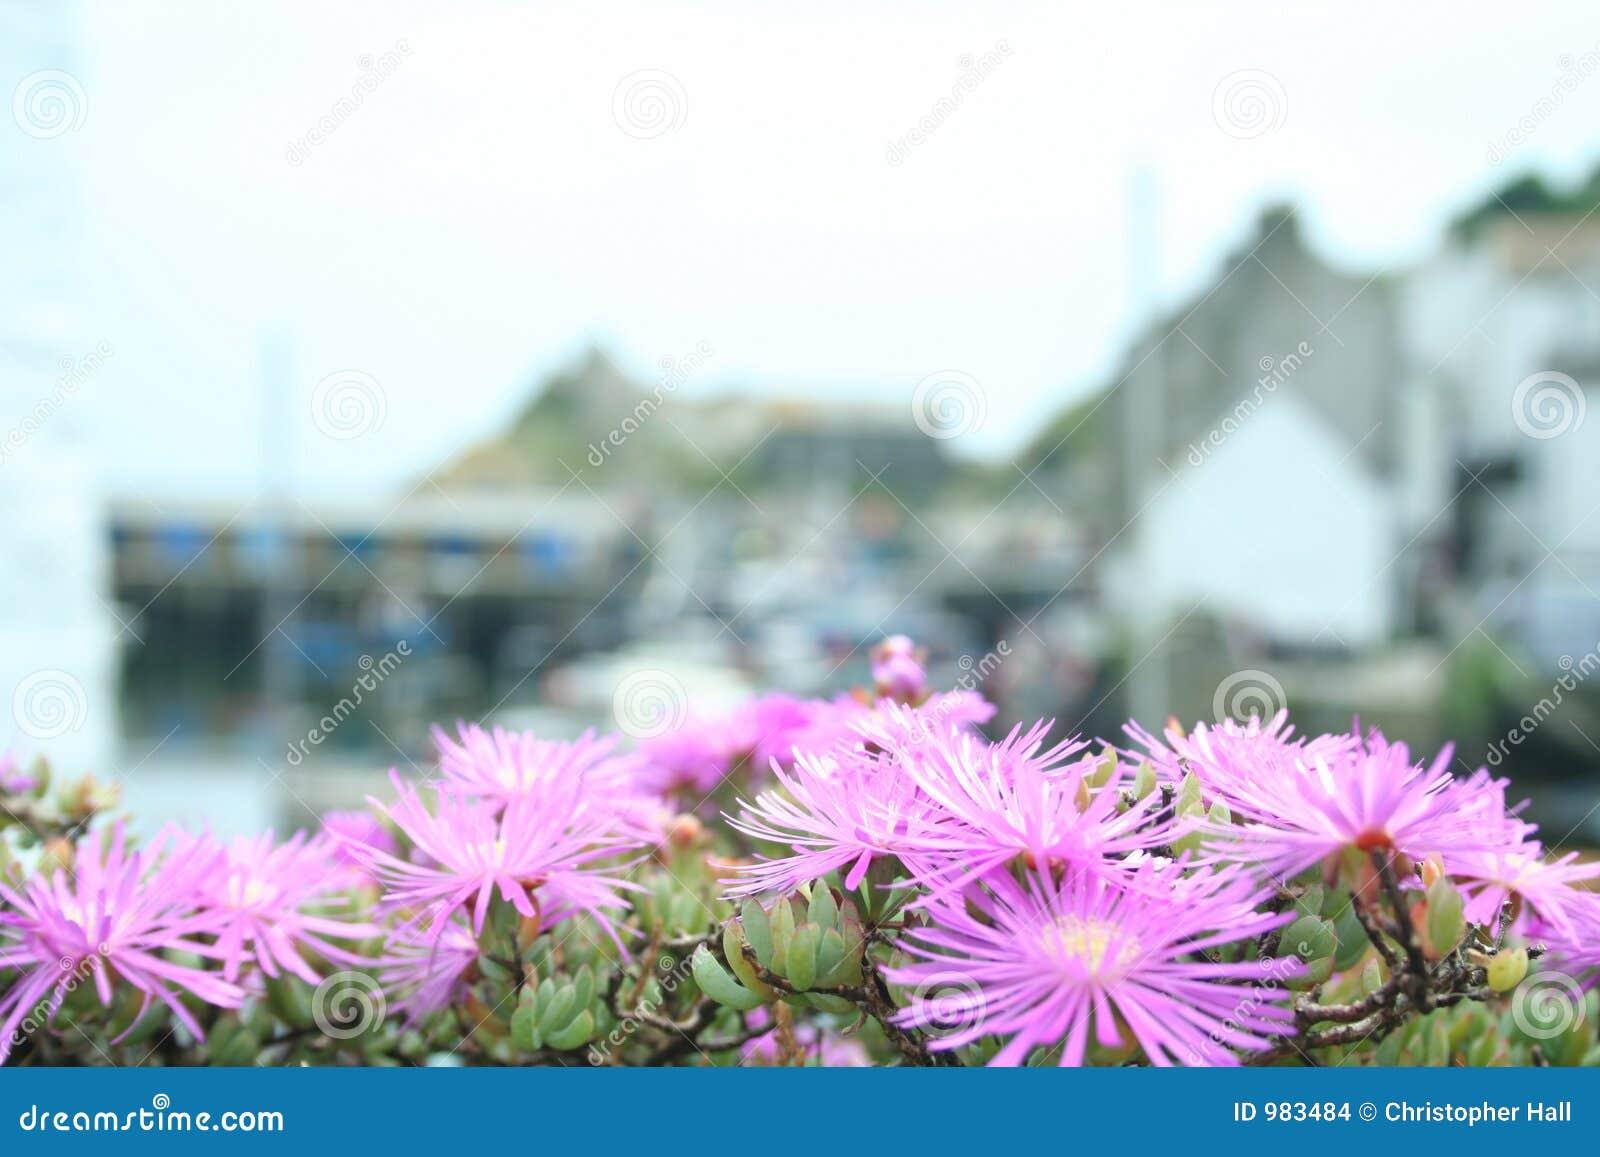 Cornish Fishing Village Stock Images Image 983484